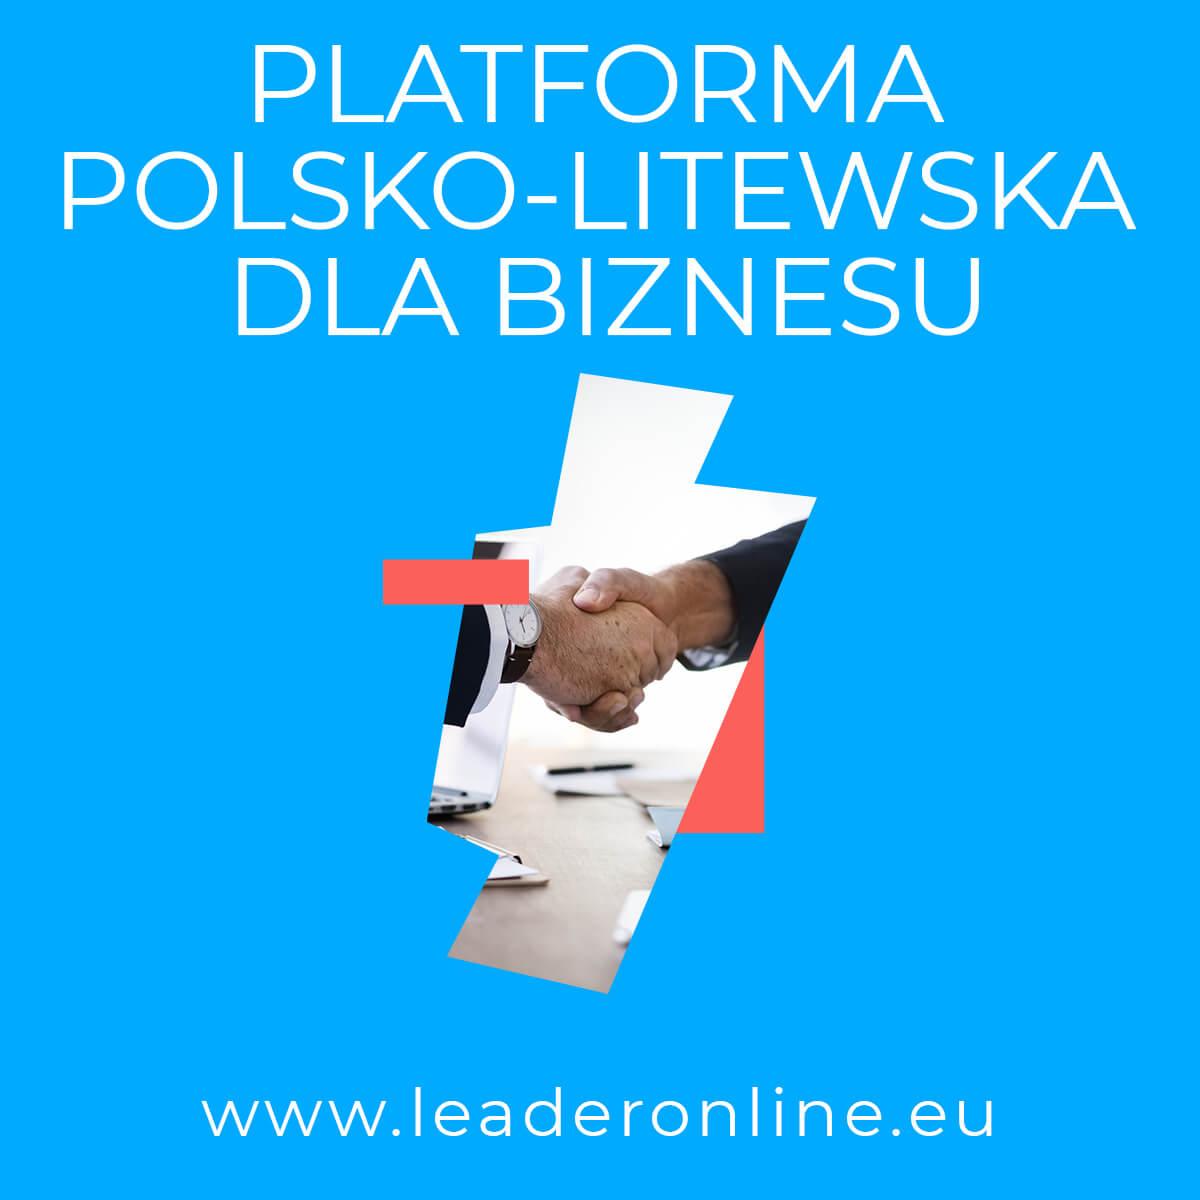 www.leaderonline.eu